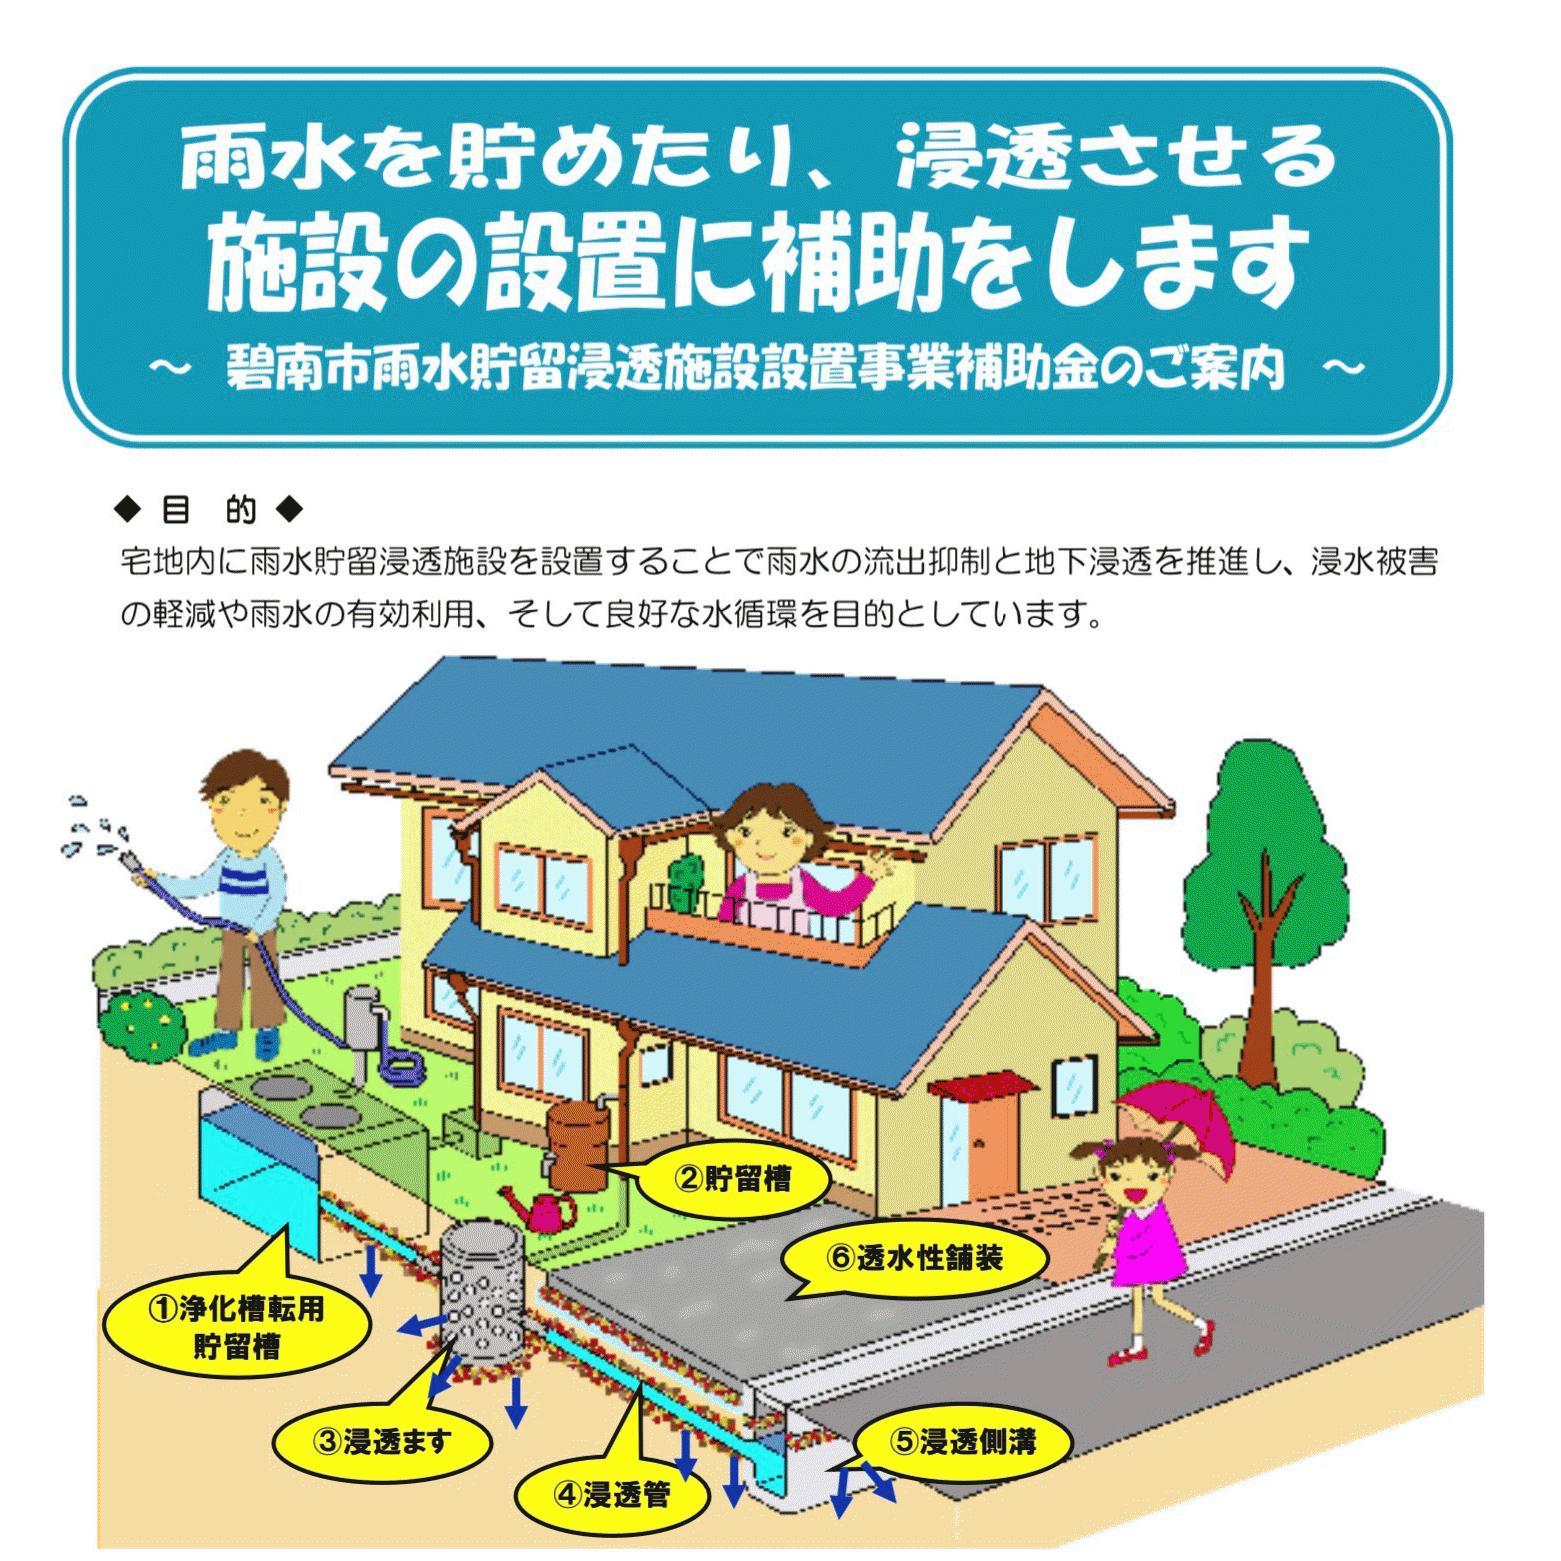 《35,000円あげます》「ドライテック(透水性舗装)を採用すると役所から補助金が出る?」補助金・住宅エコポイント